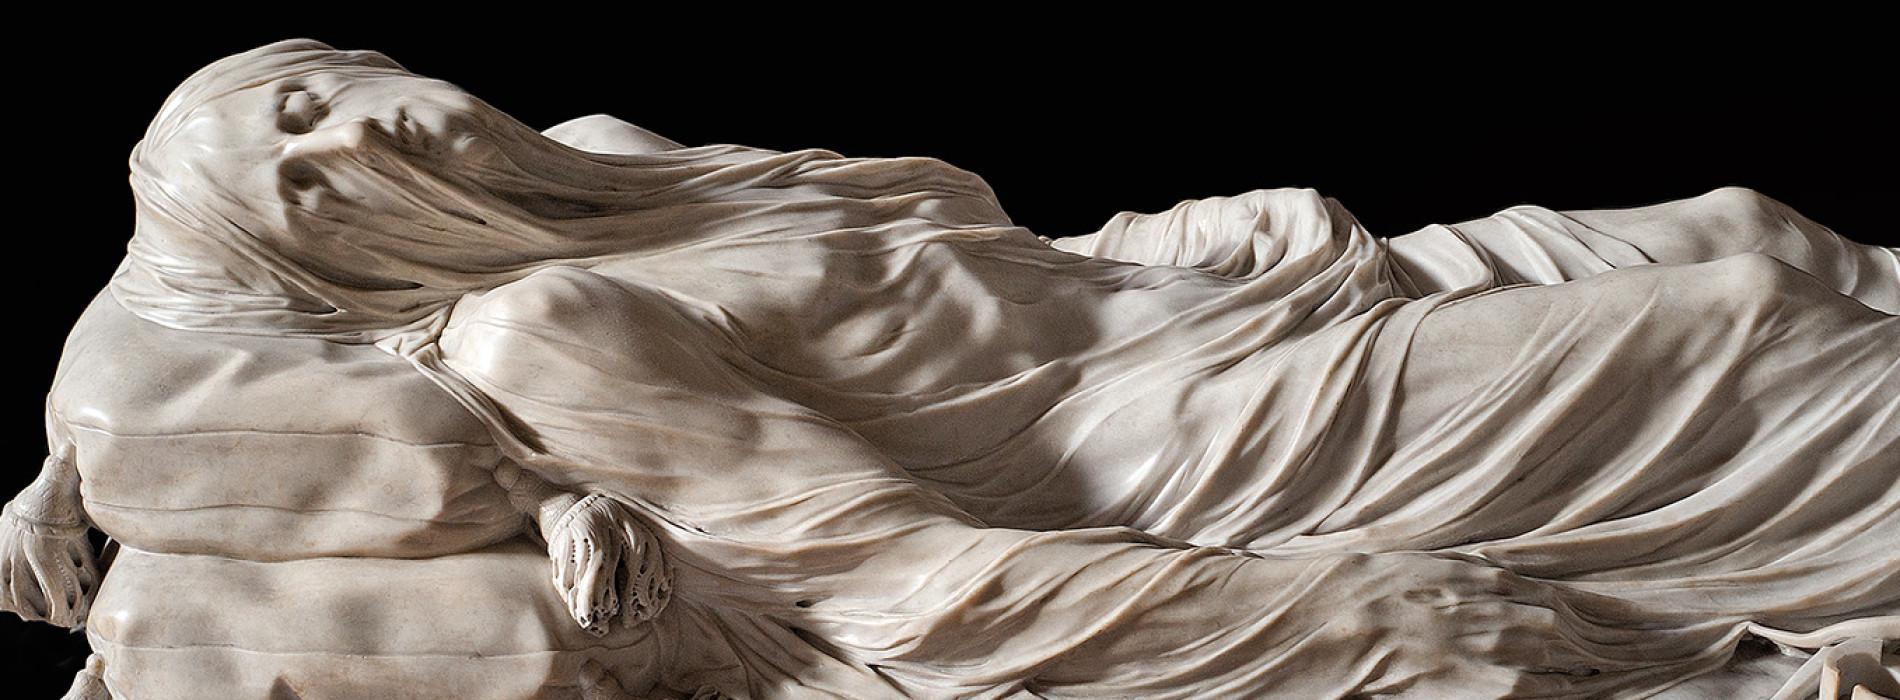 curiosidades sobre el marmol